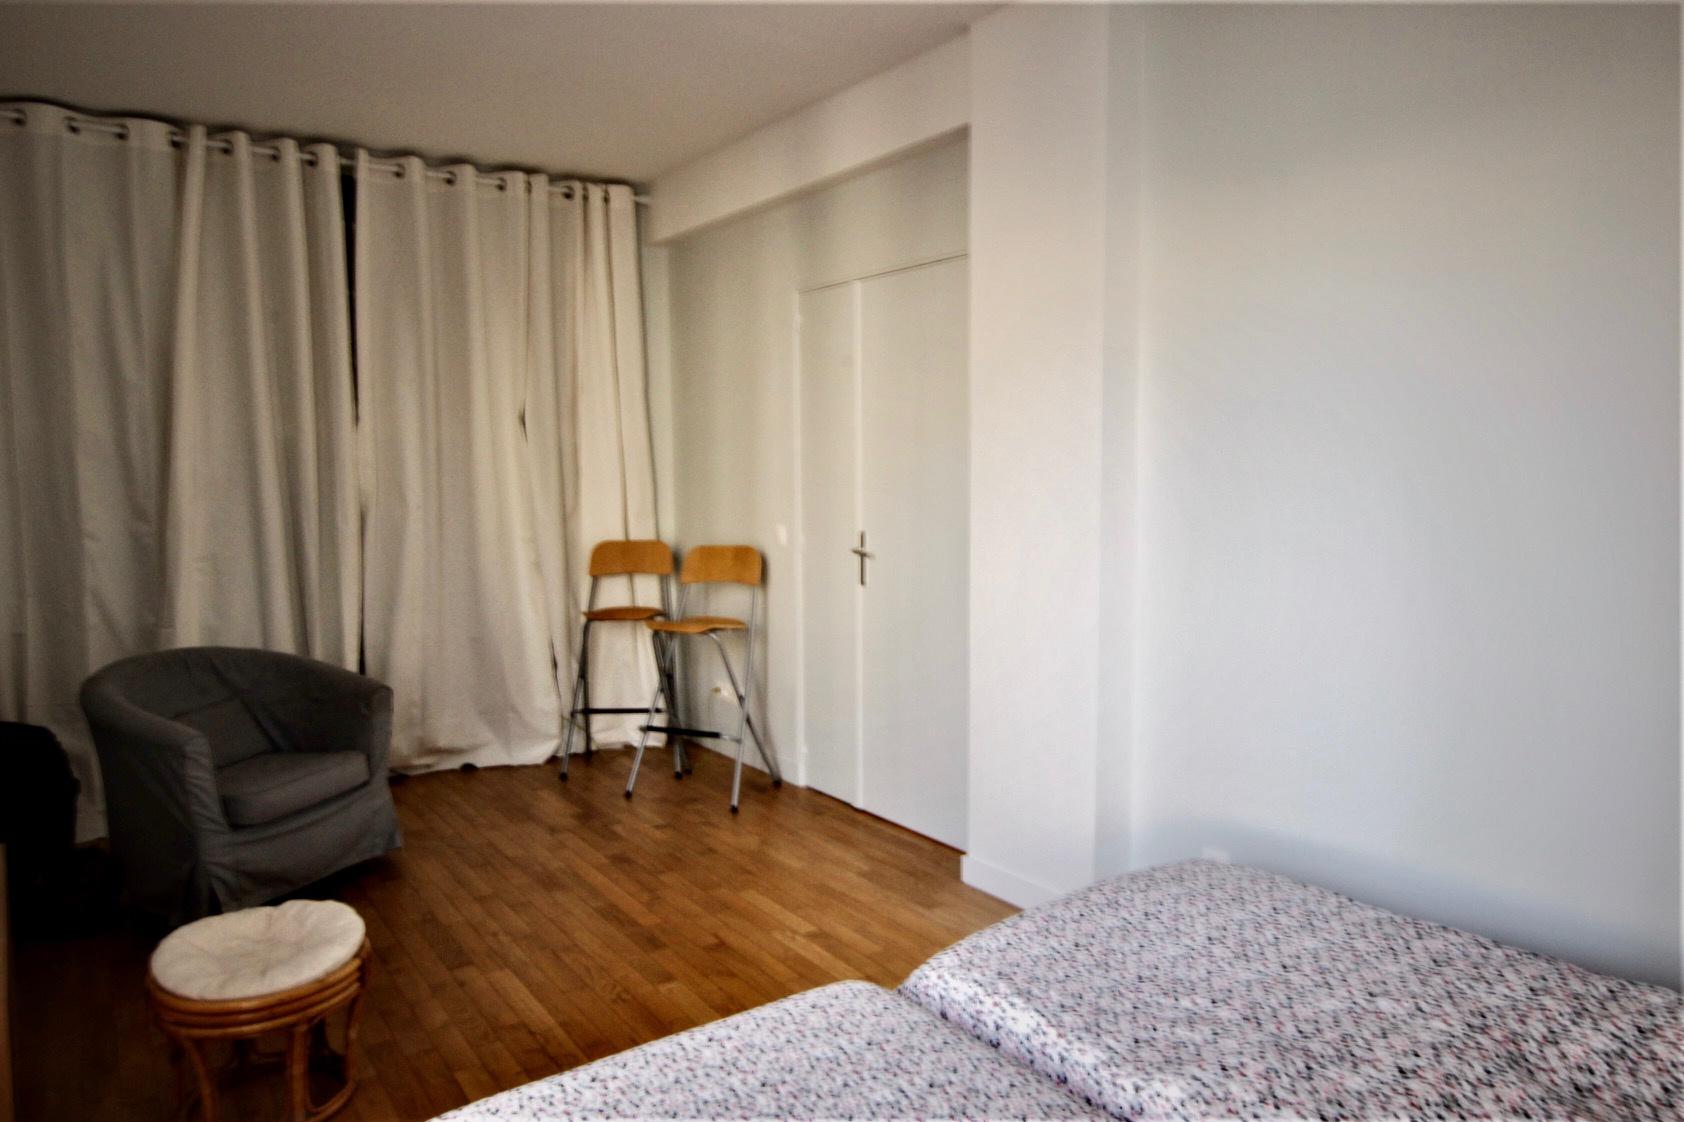 Appartement 3 pièces – vue sur seine – 72.57m2